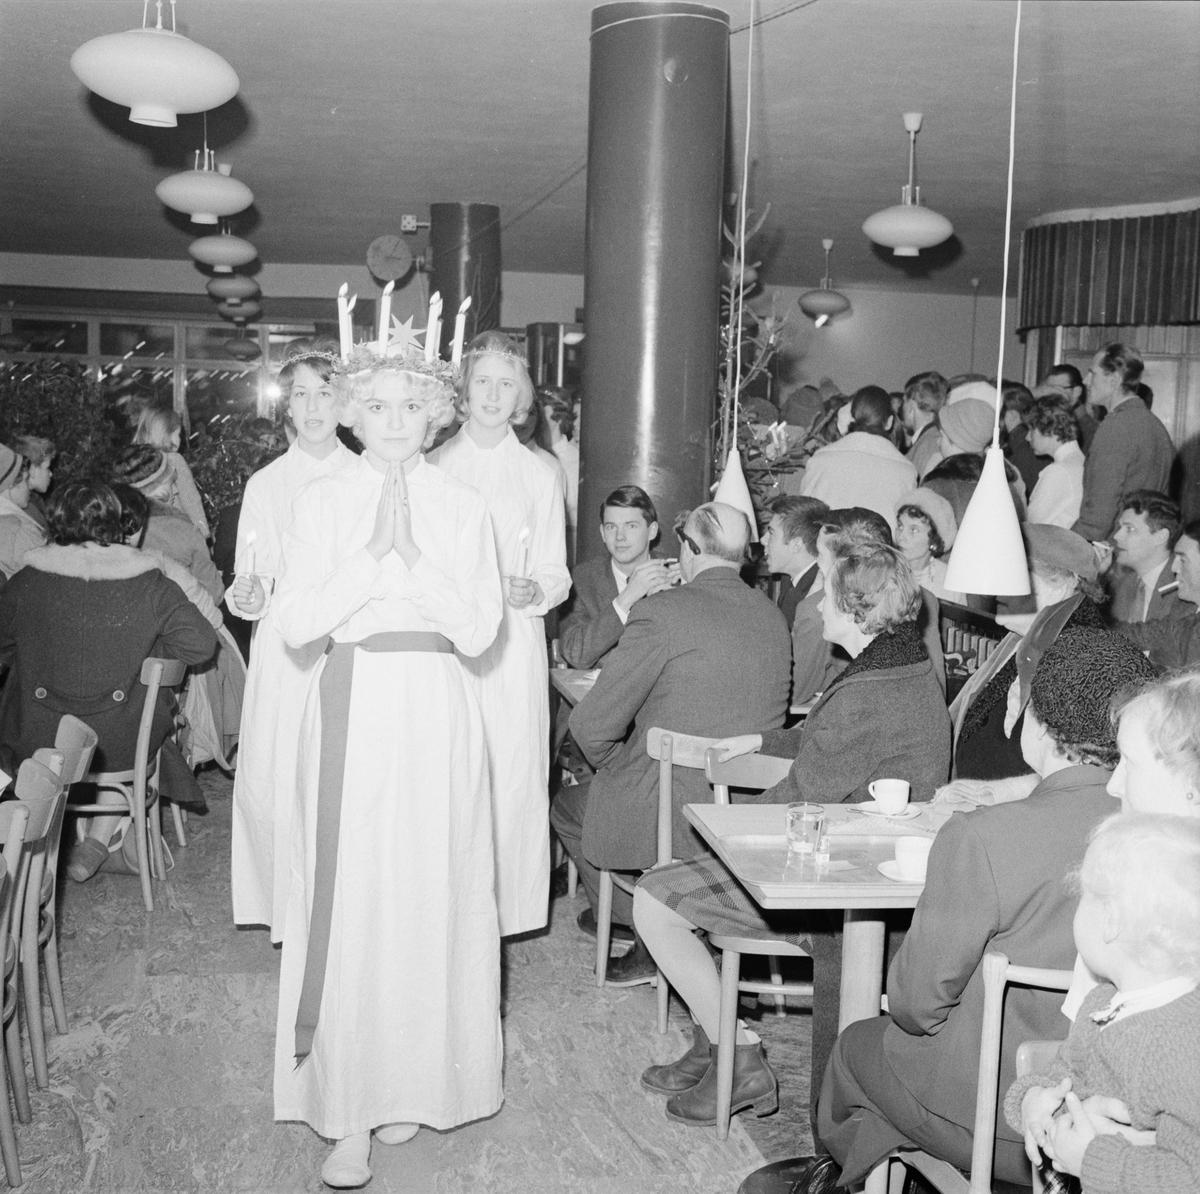 """""""Forums lucia frk. Anita Åsberg gladde gästerna i den fullsatta restaurangen"""", Uppsala 1959"""